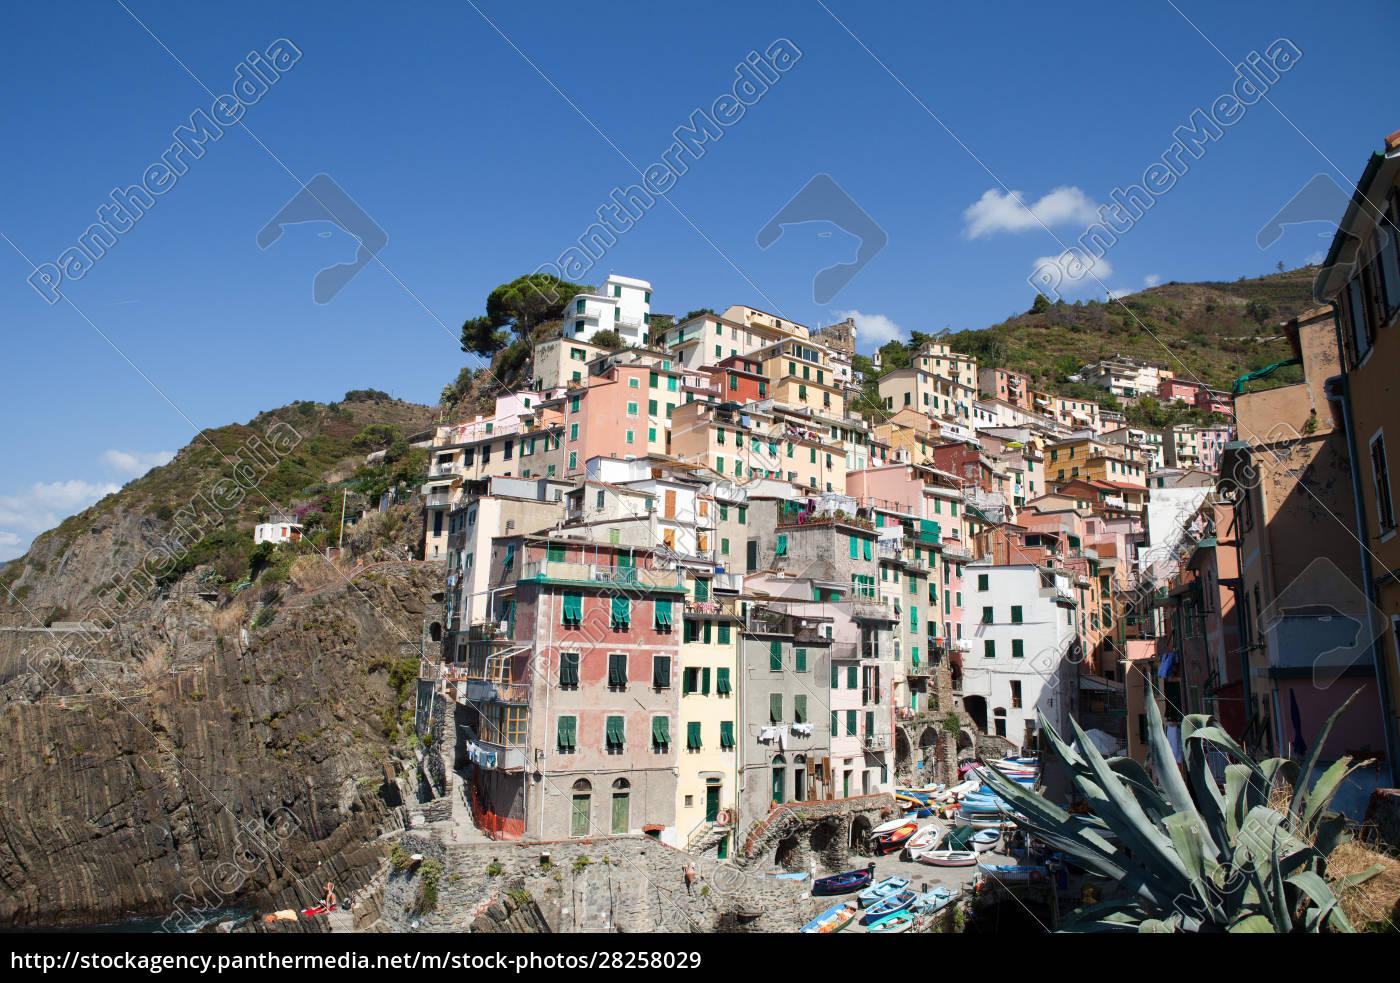 riomaggiore, -, one, of, the, cities - 28258029